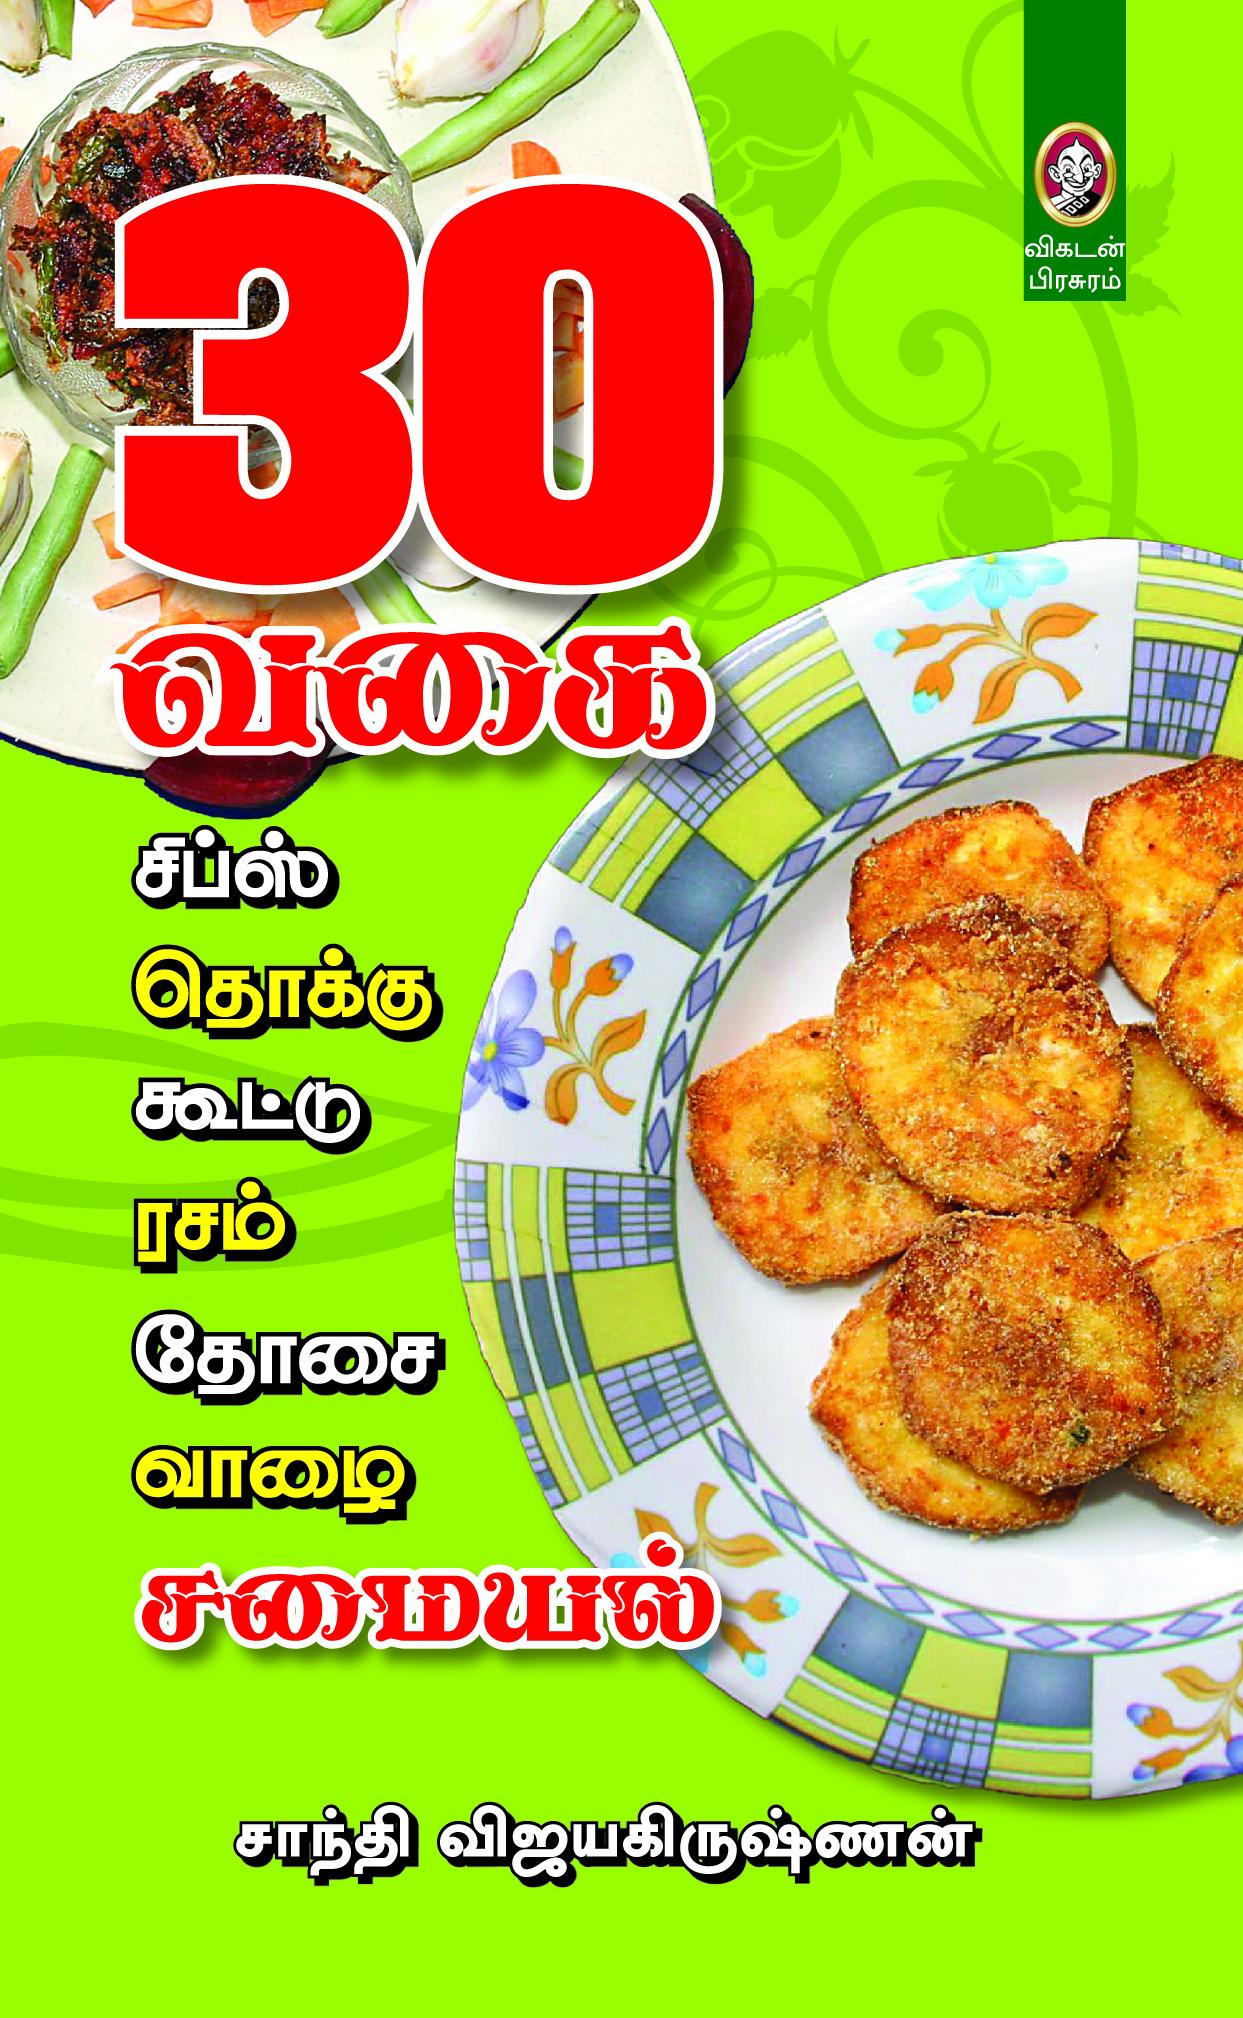 30 வகை சிப்ஸ் தொக்கு கூட்டு ரசம் தோசை வாழை சமையல்